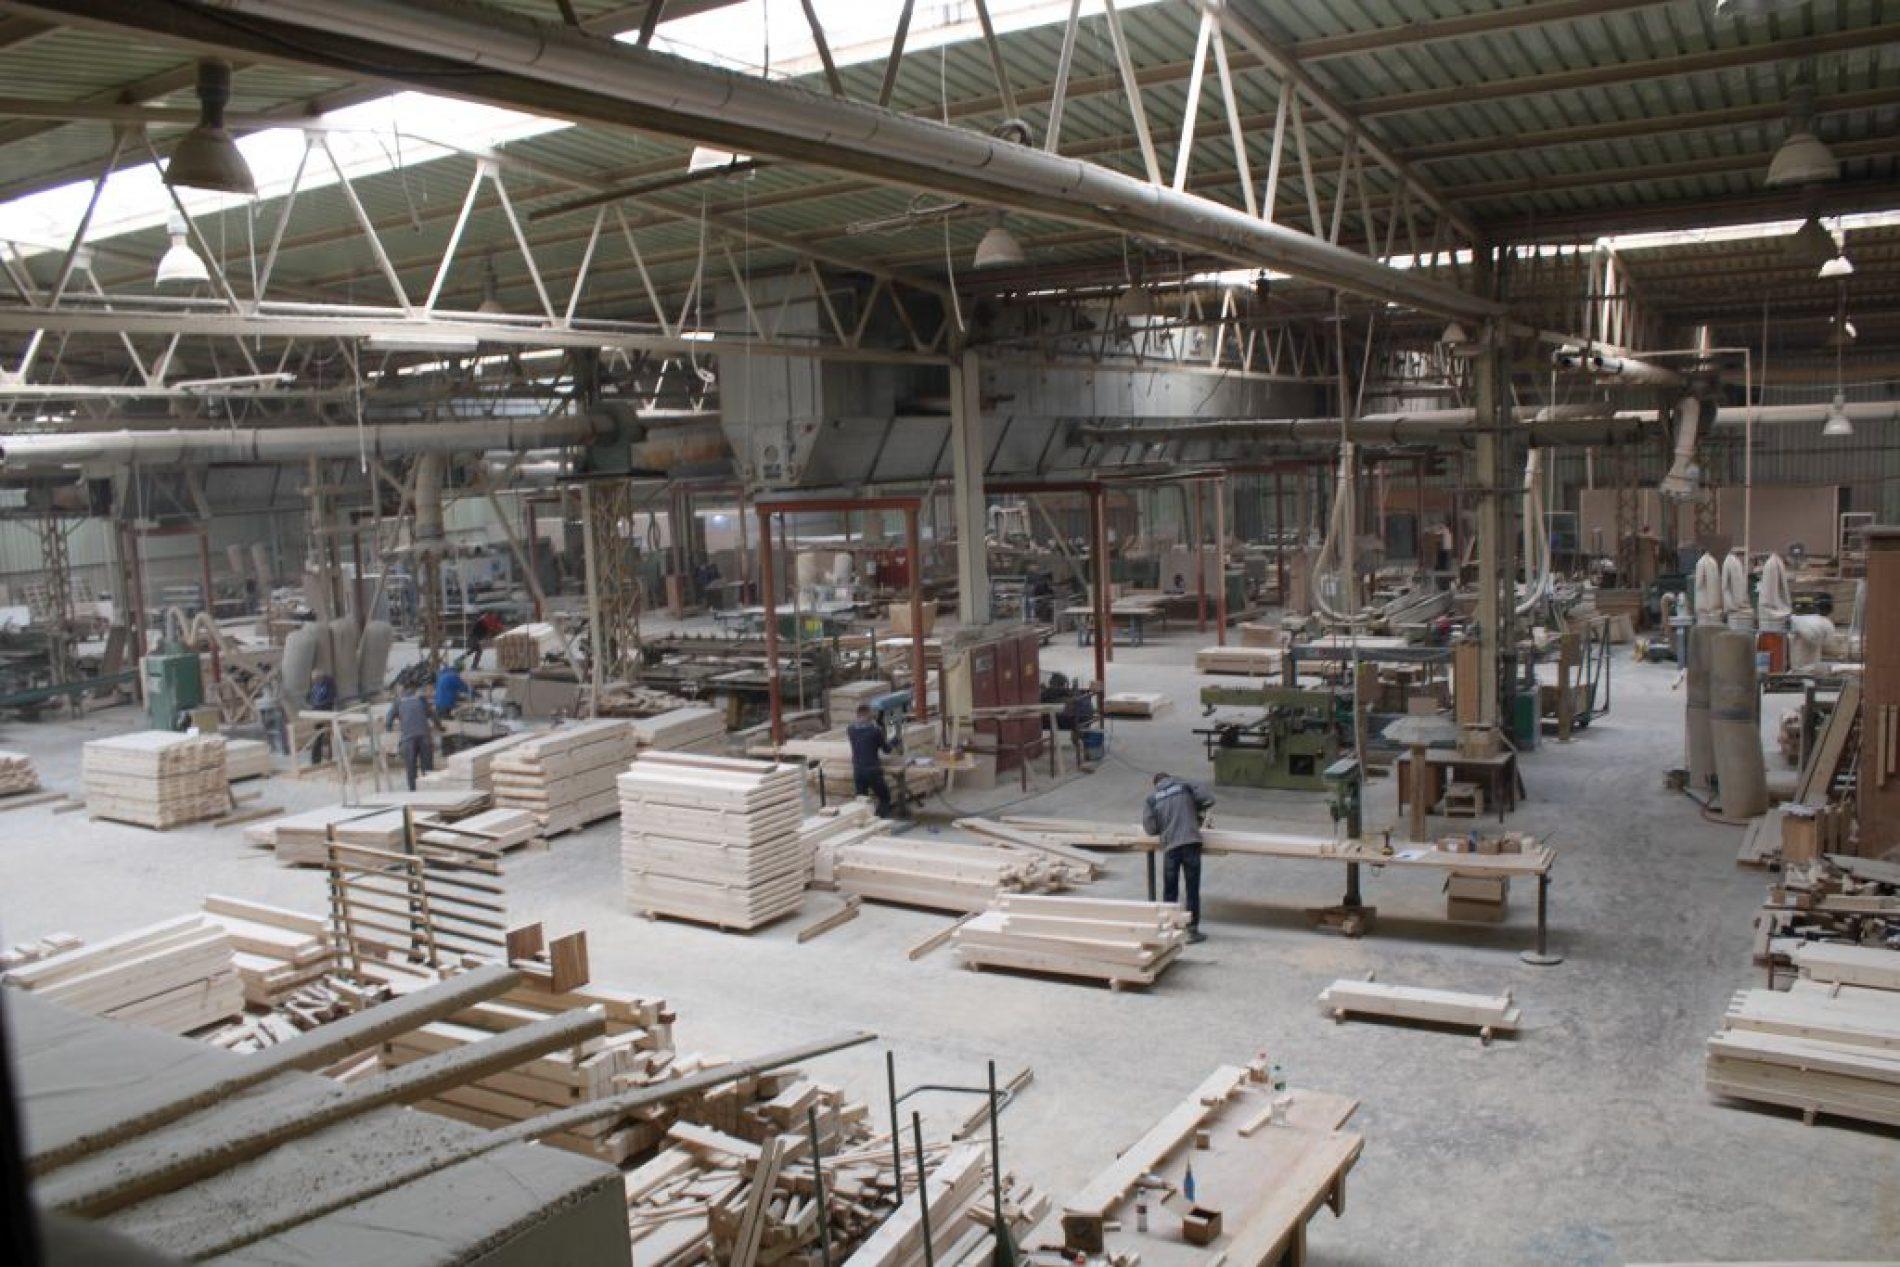 Firma iz D. Vakufa kreće sa prvom isporukom namještaja od metala; počinju i proizvodnju ekskluzivnih drvenih kuća